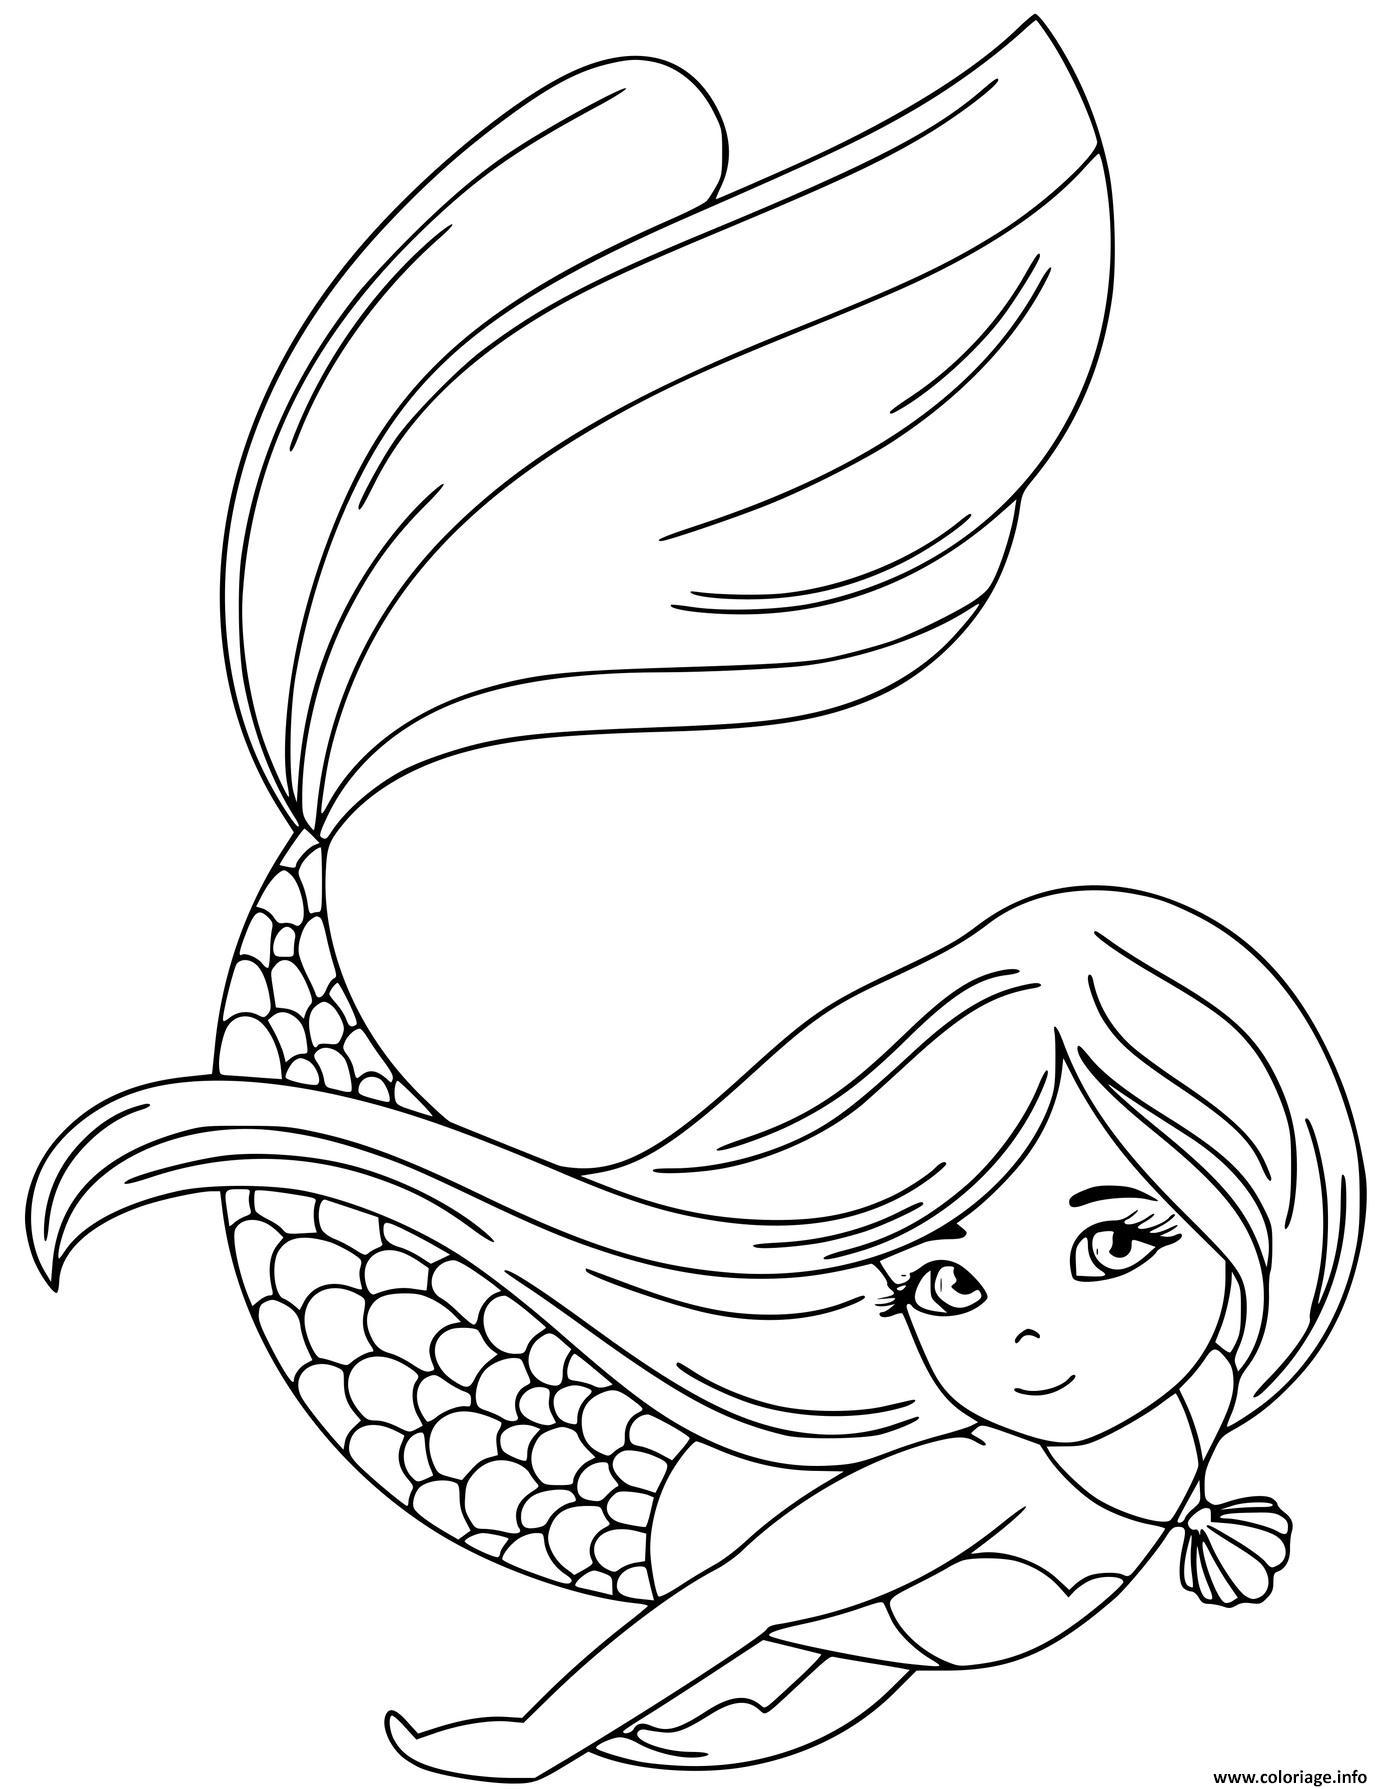 Coloriage La Princesse Sirene Nageant Sous L Eau Dessin Sirene A Imprimer